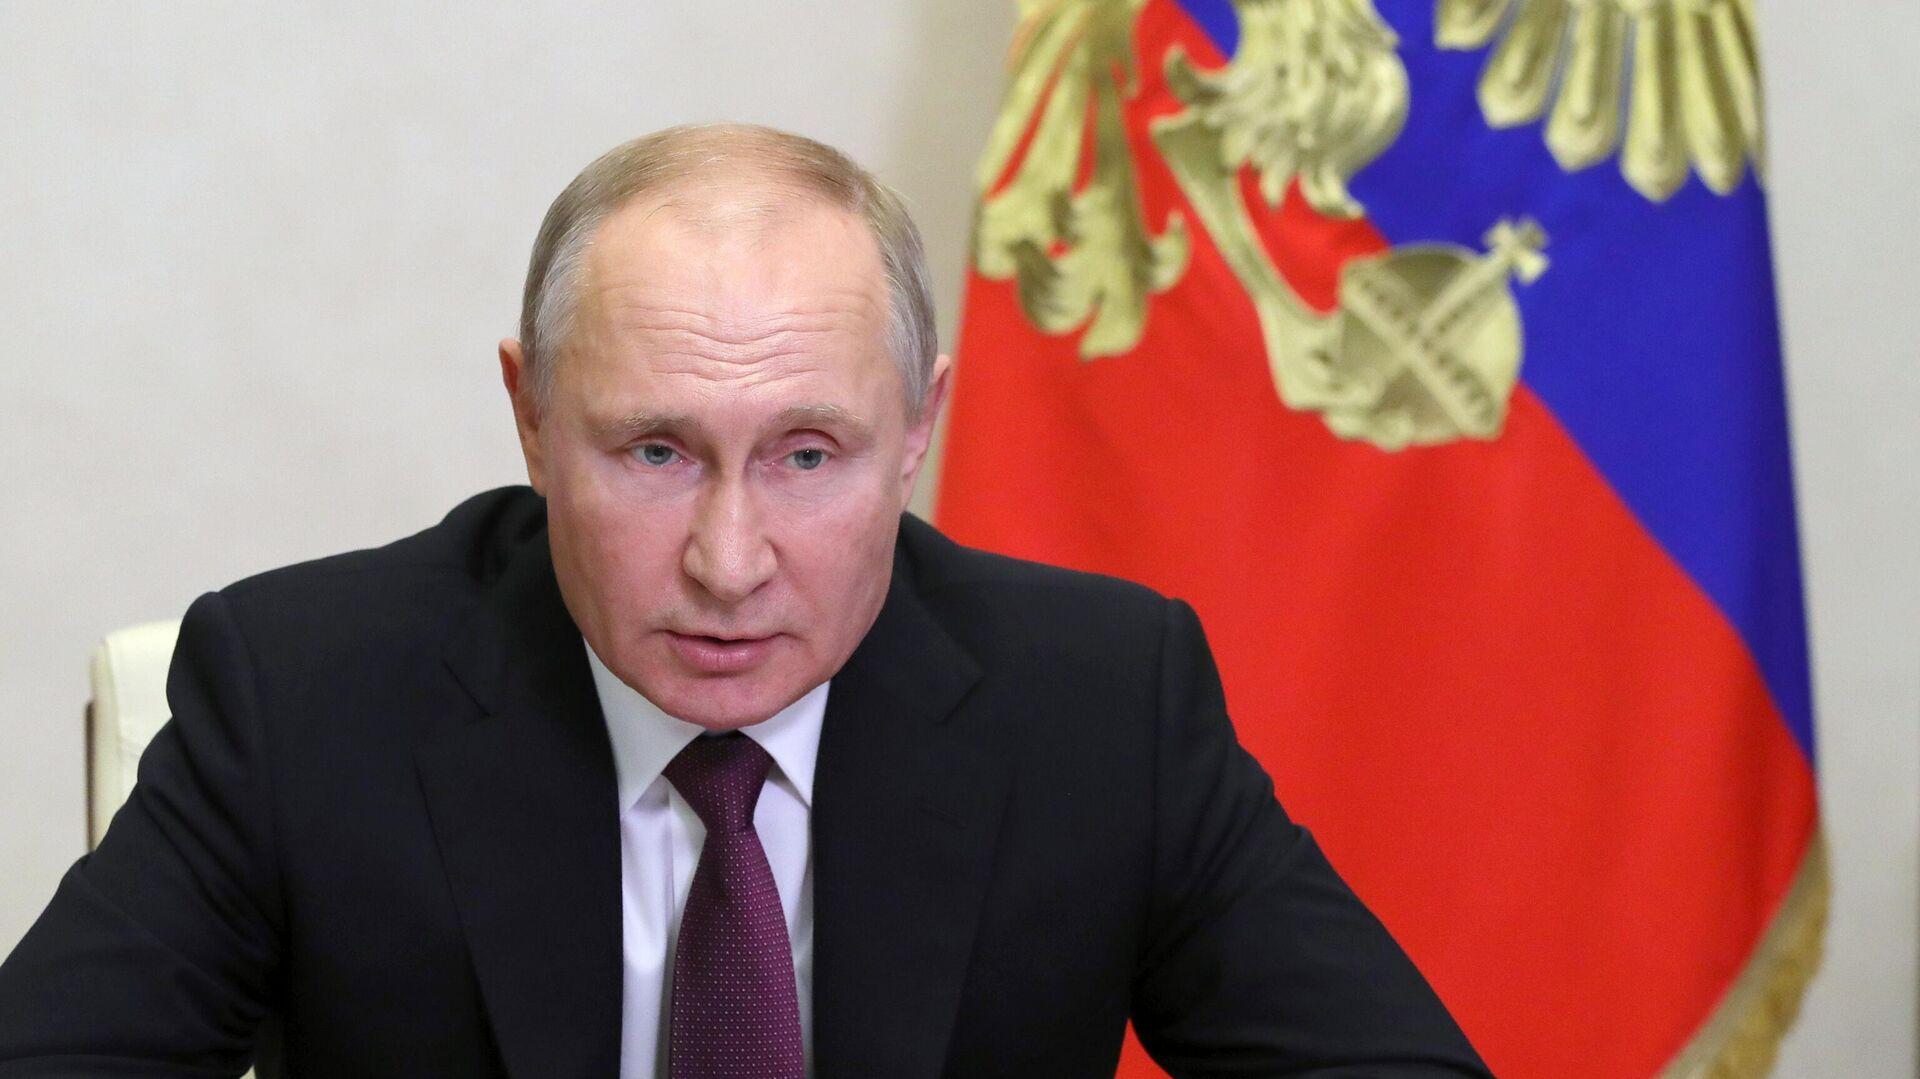 """Путин подписал закон о практике """"одного окна"""" во внешней торговле"""